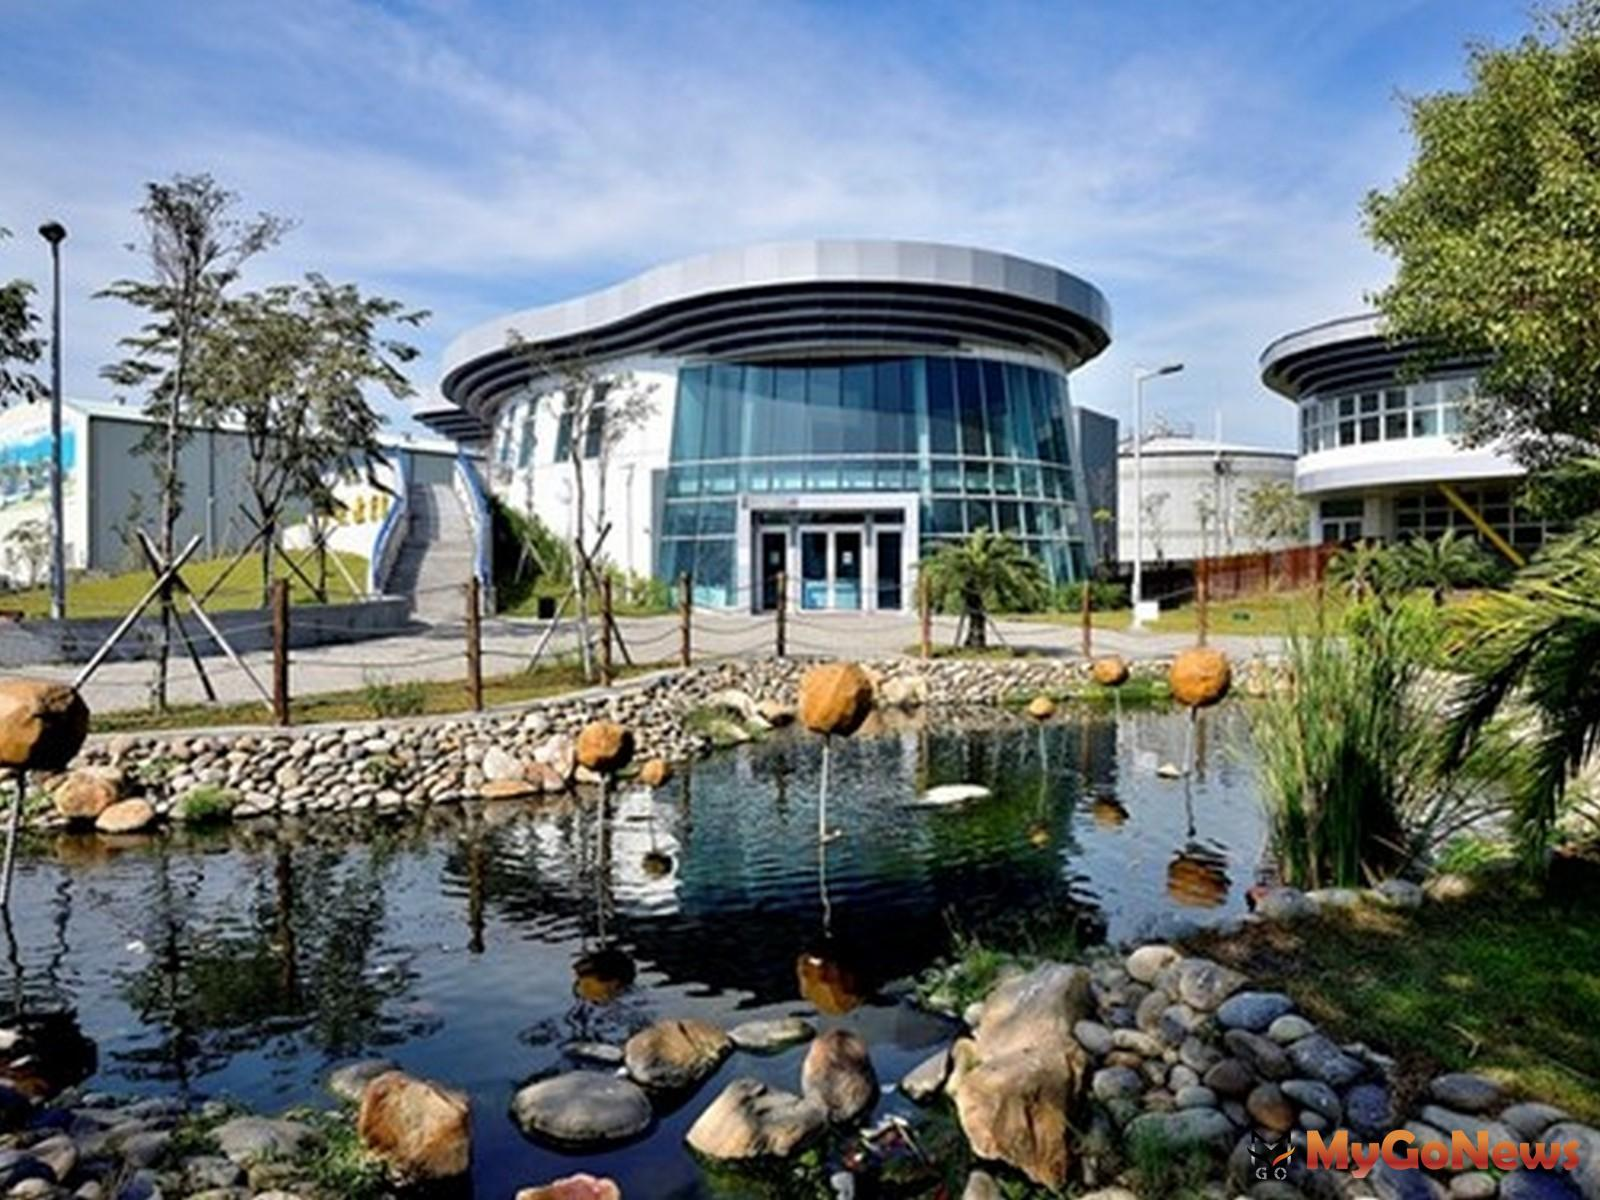 鳳山水資源中心為全國首例公共污水處理再利用BTO計畫,每日可供應4.5萬噸再生水(圖/業者提供) MyGoNews房地產新聞 市場快訊